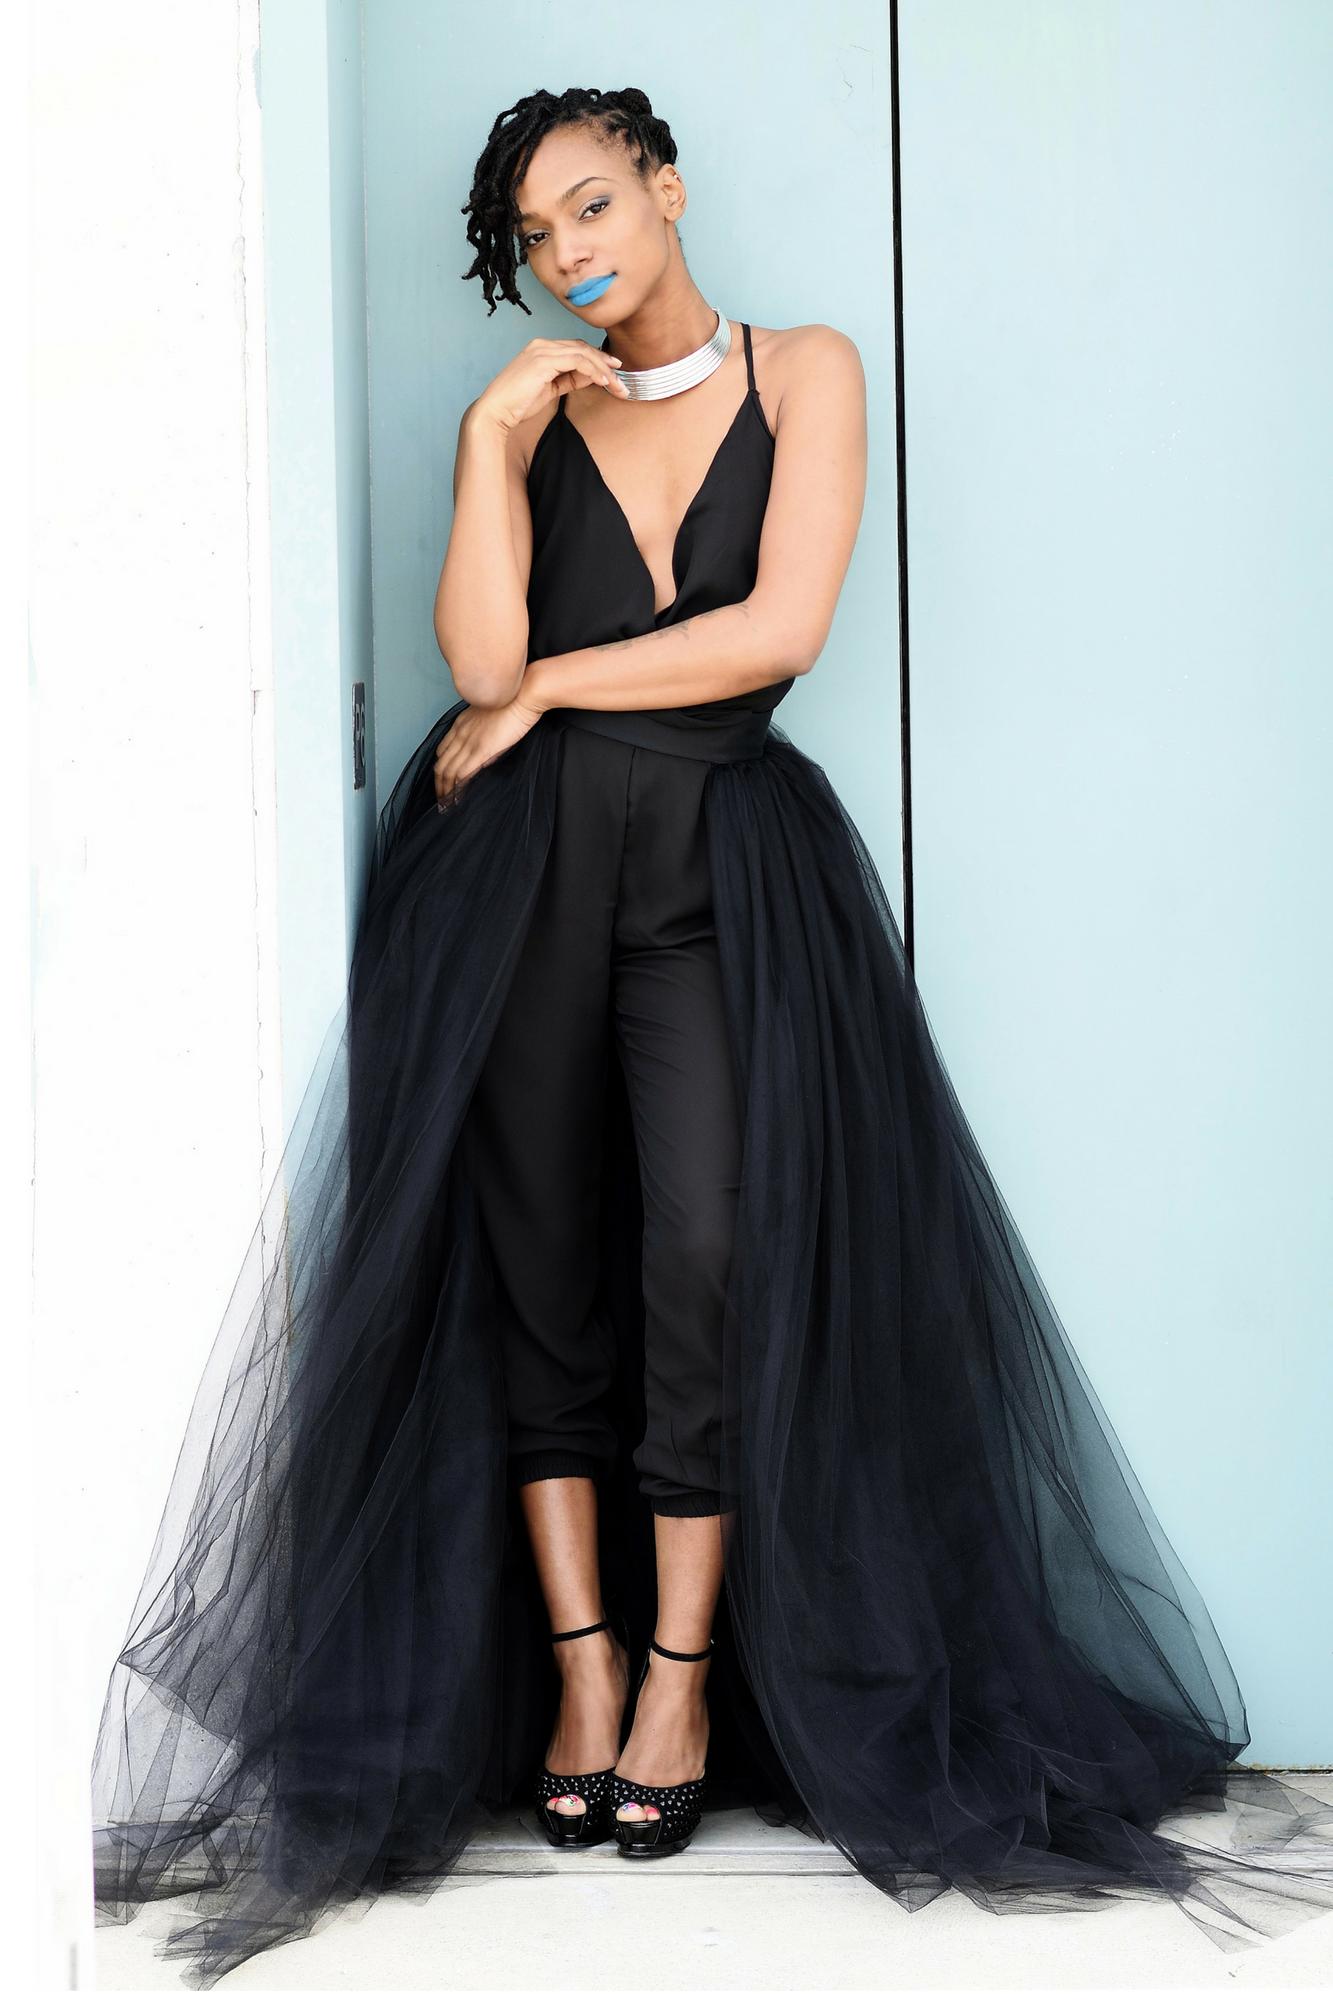 Black Tulle Overskirt tulle overlay skirt, detachable